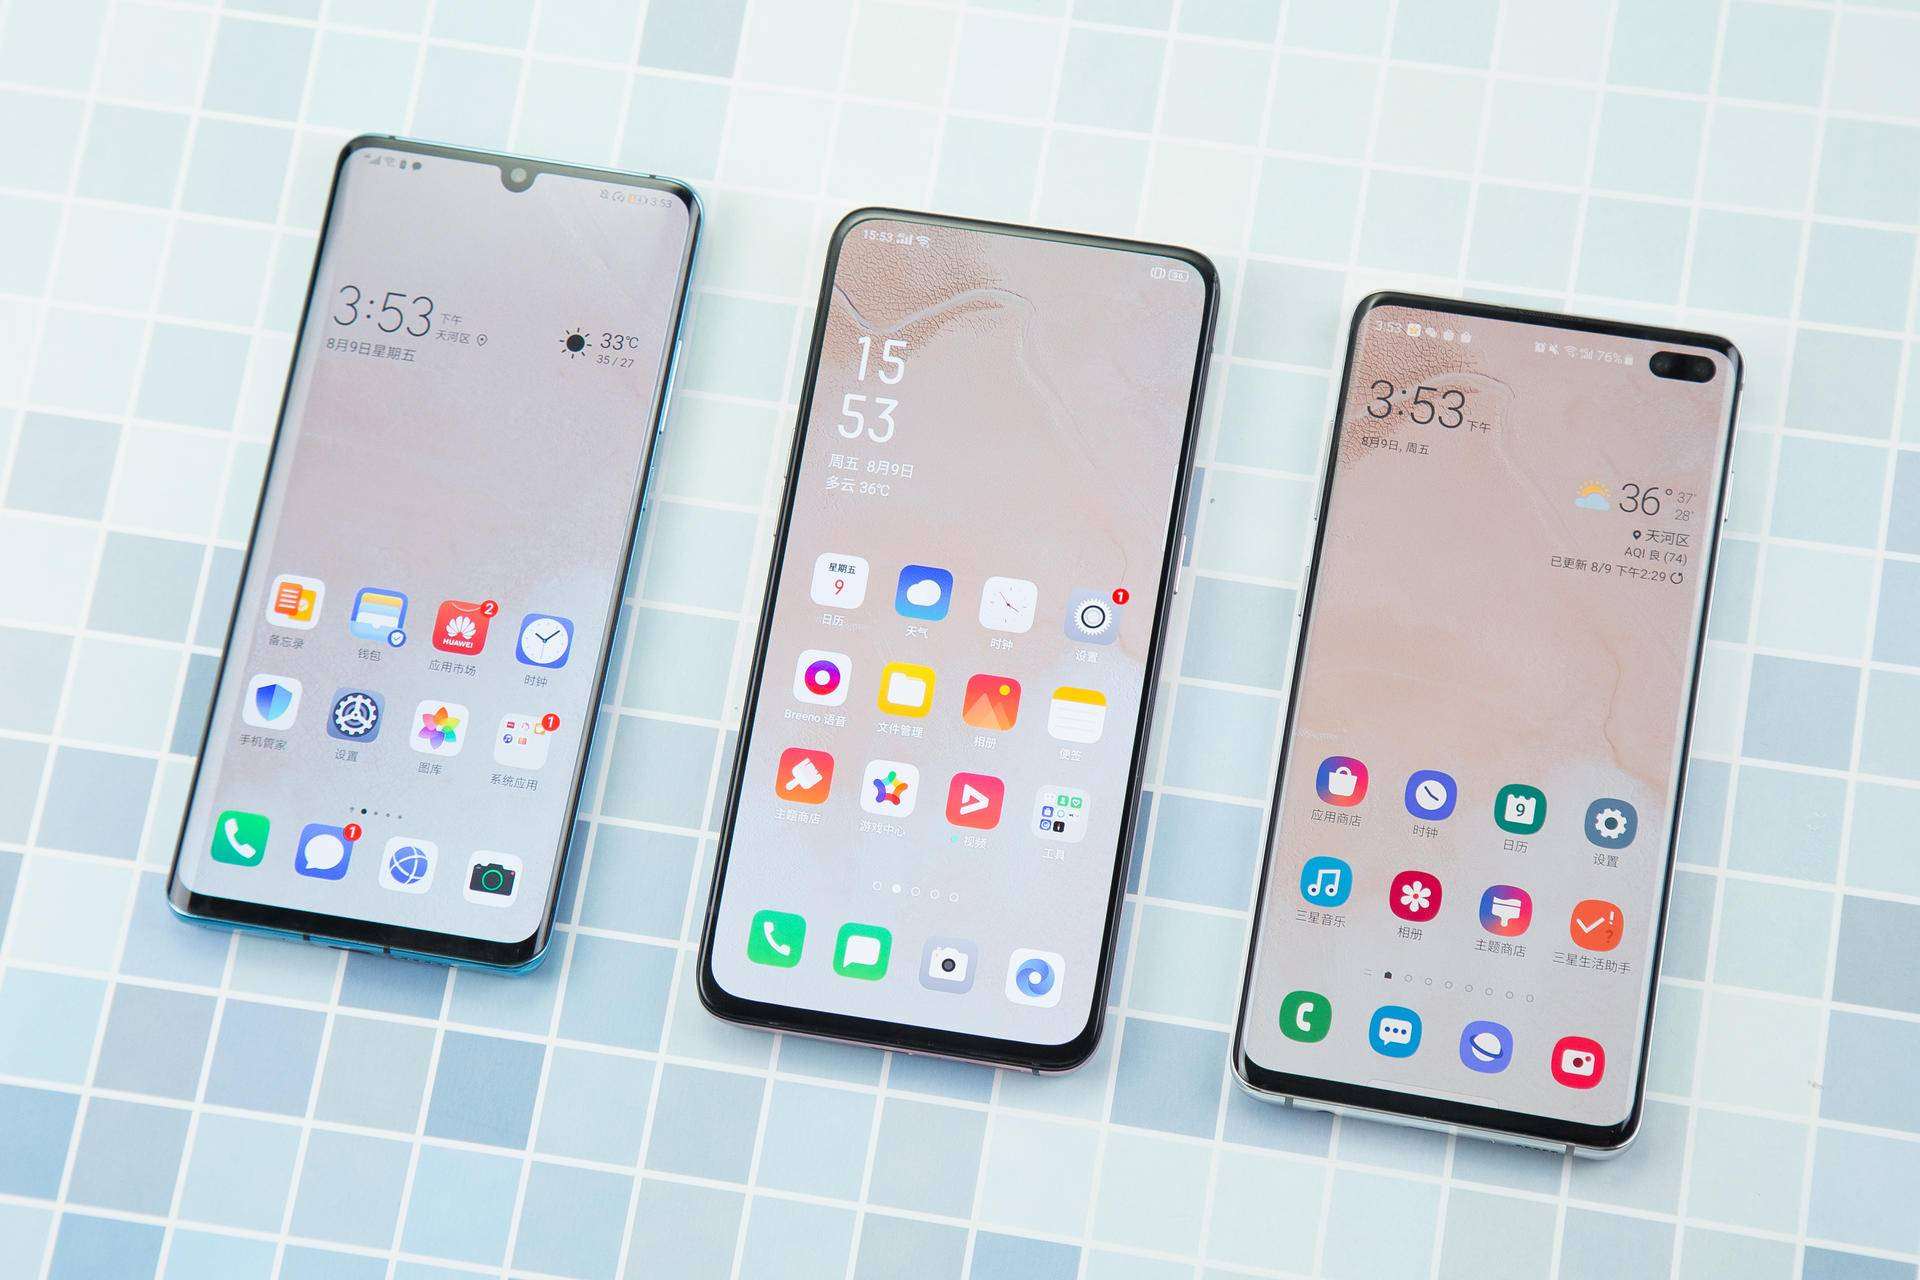 三大安卓系统旗舰手机显示屏比照,同是AMOLED屏,谁的综合性主要表现更强?